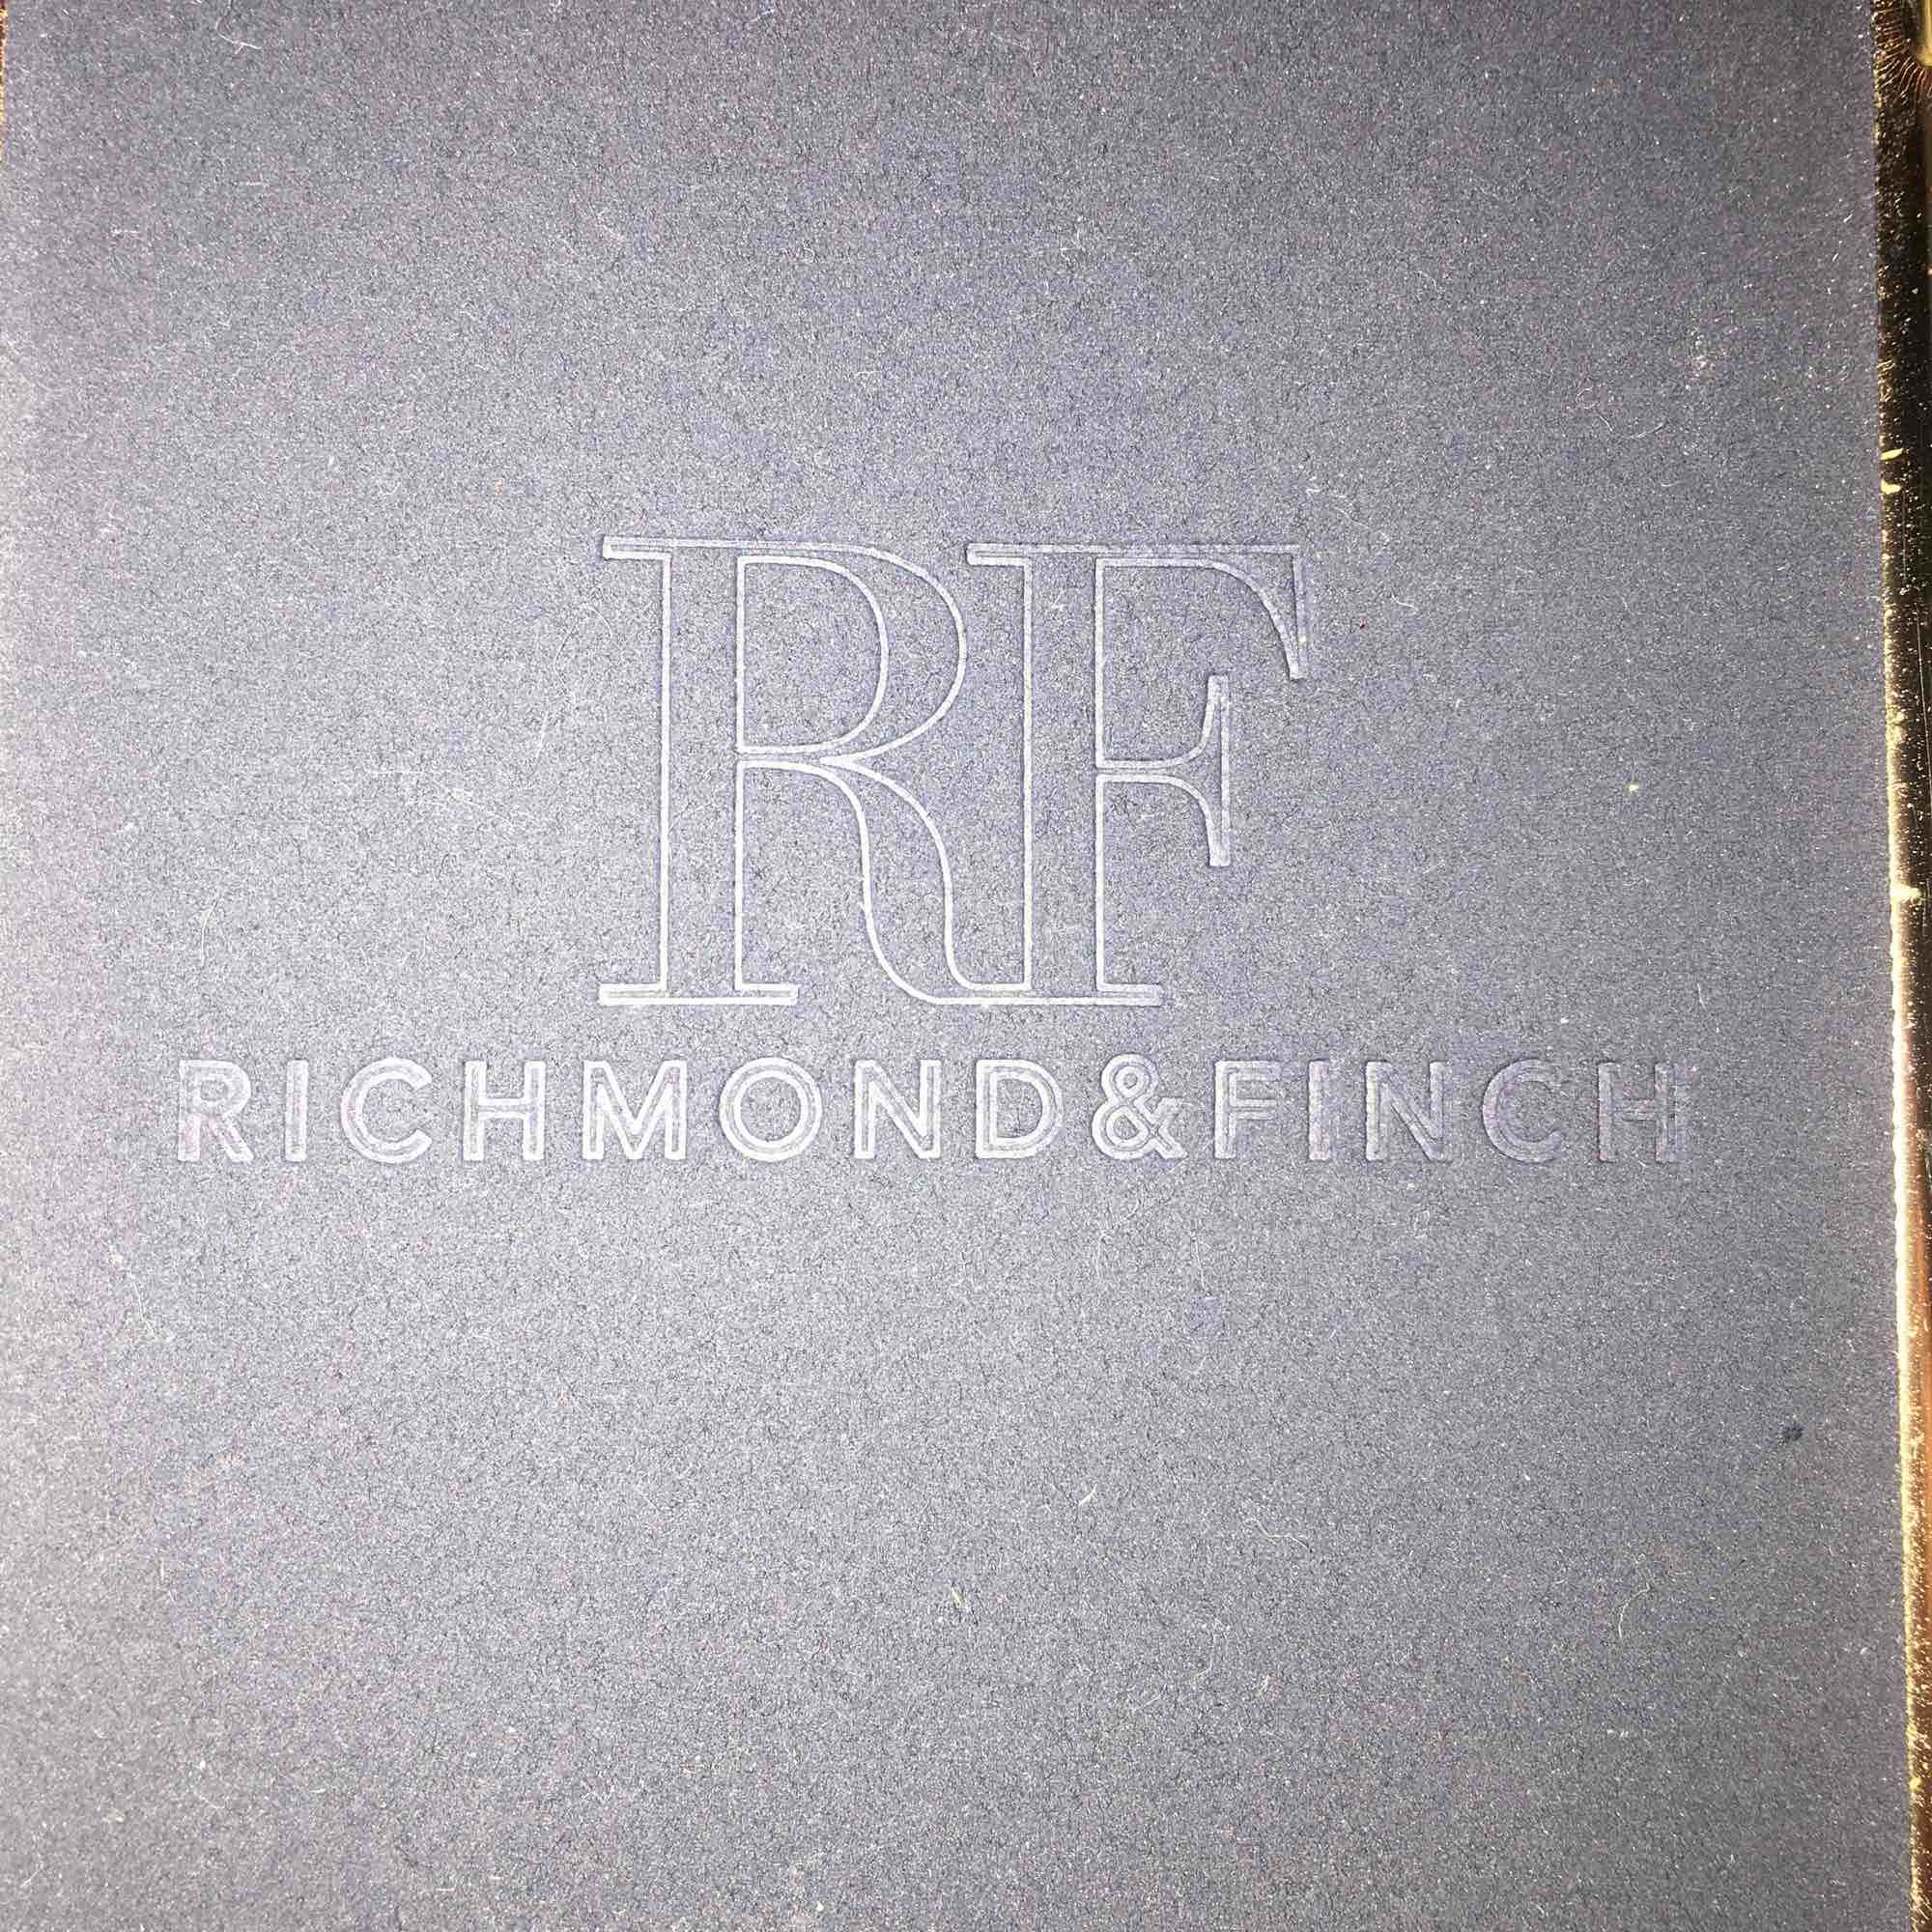 Står för frakten. Iphone 6/6s skal från Richmond&Finch säljs för 20kr. Accessoarer.